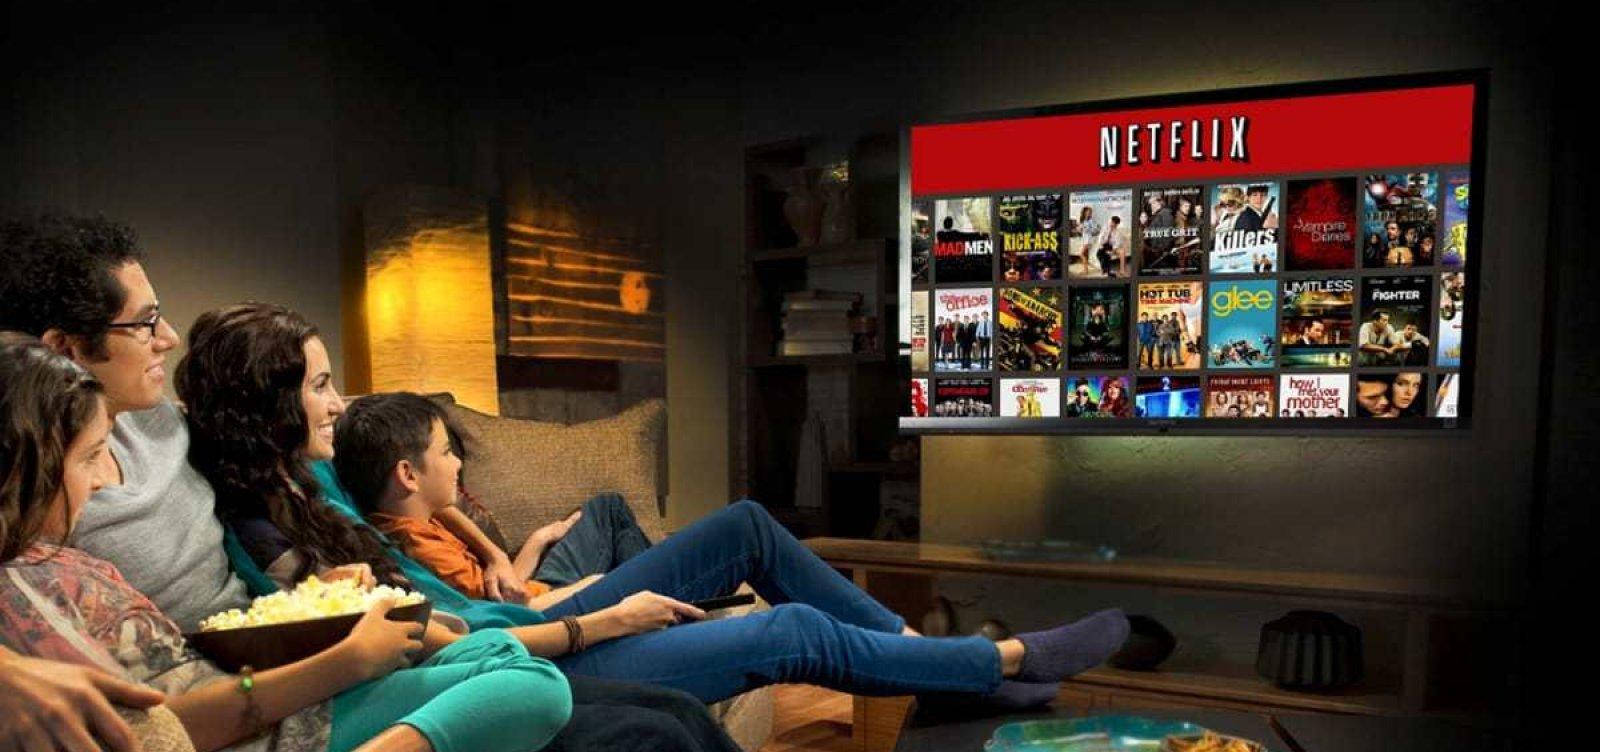 [Netflix passa Disney e vira empresa de mídia com maior valor de mercado]